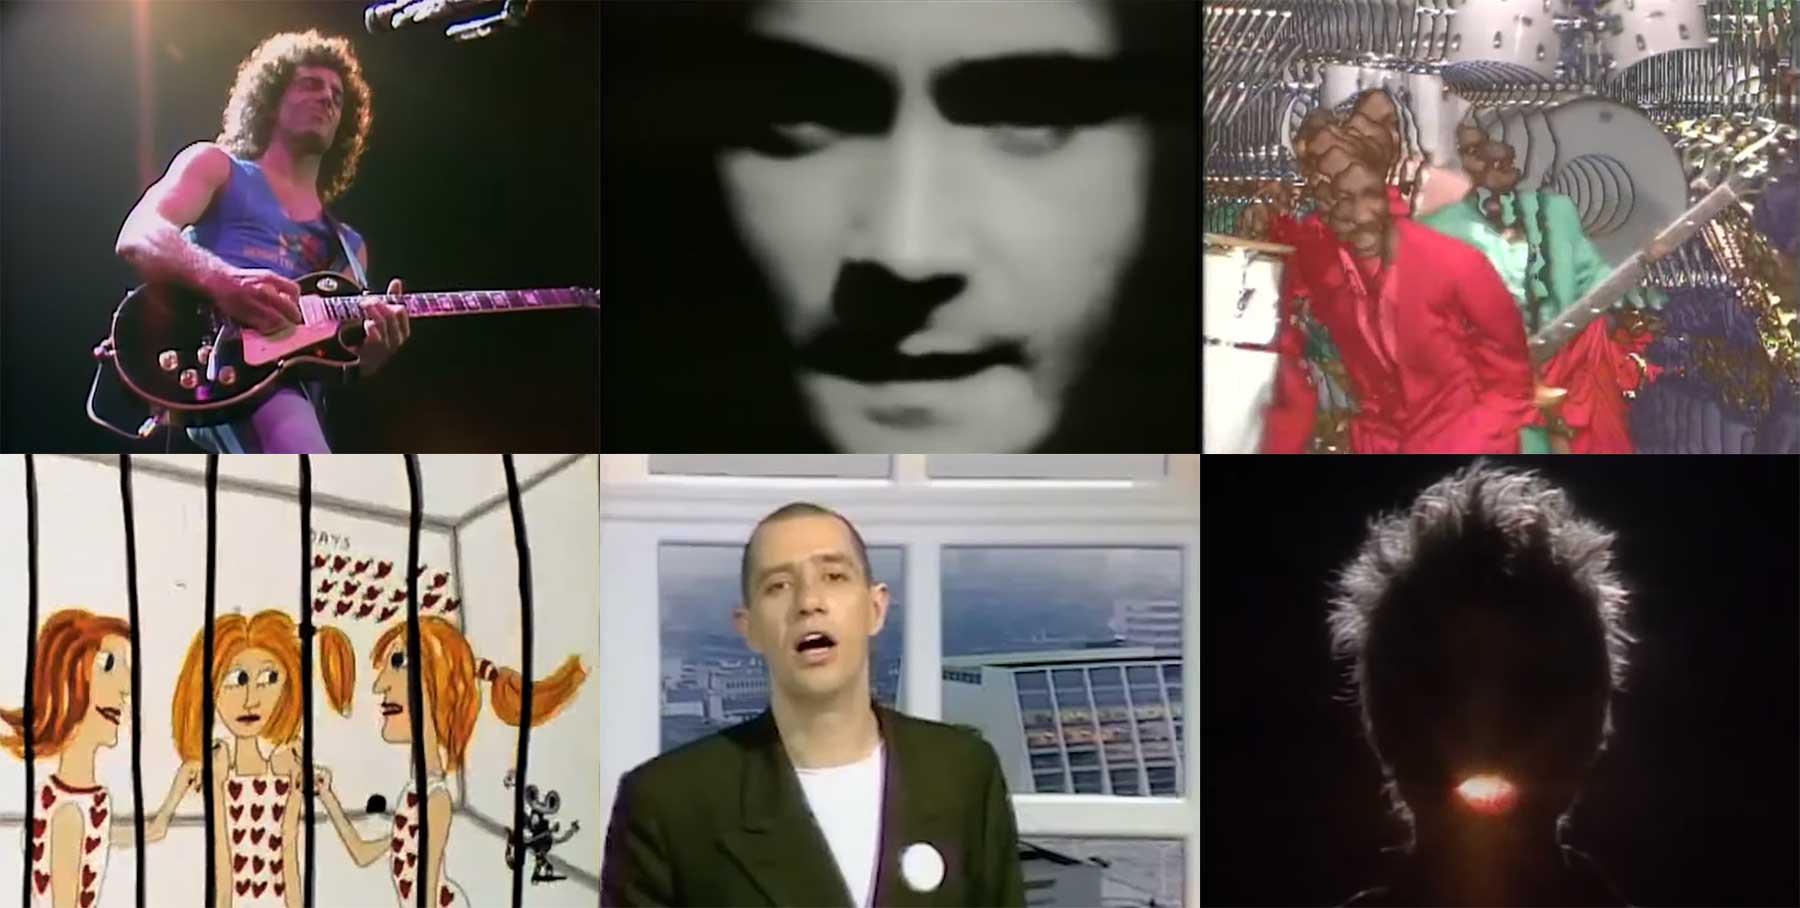 Mashup: 50 Songs aus dem Jahr 1981 in 3 Minuten